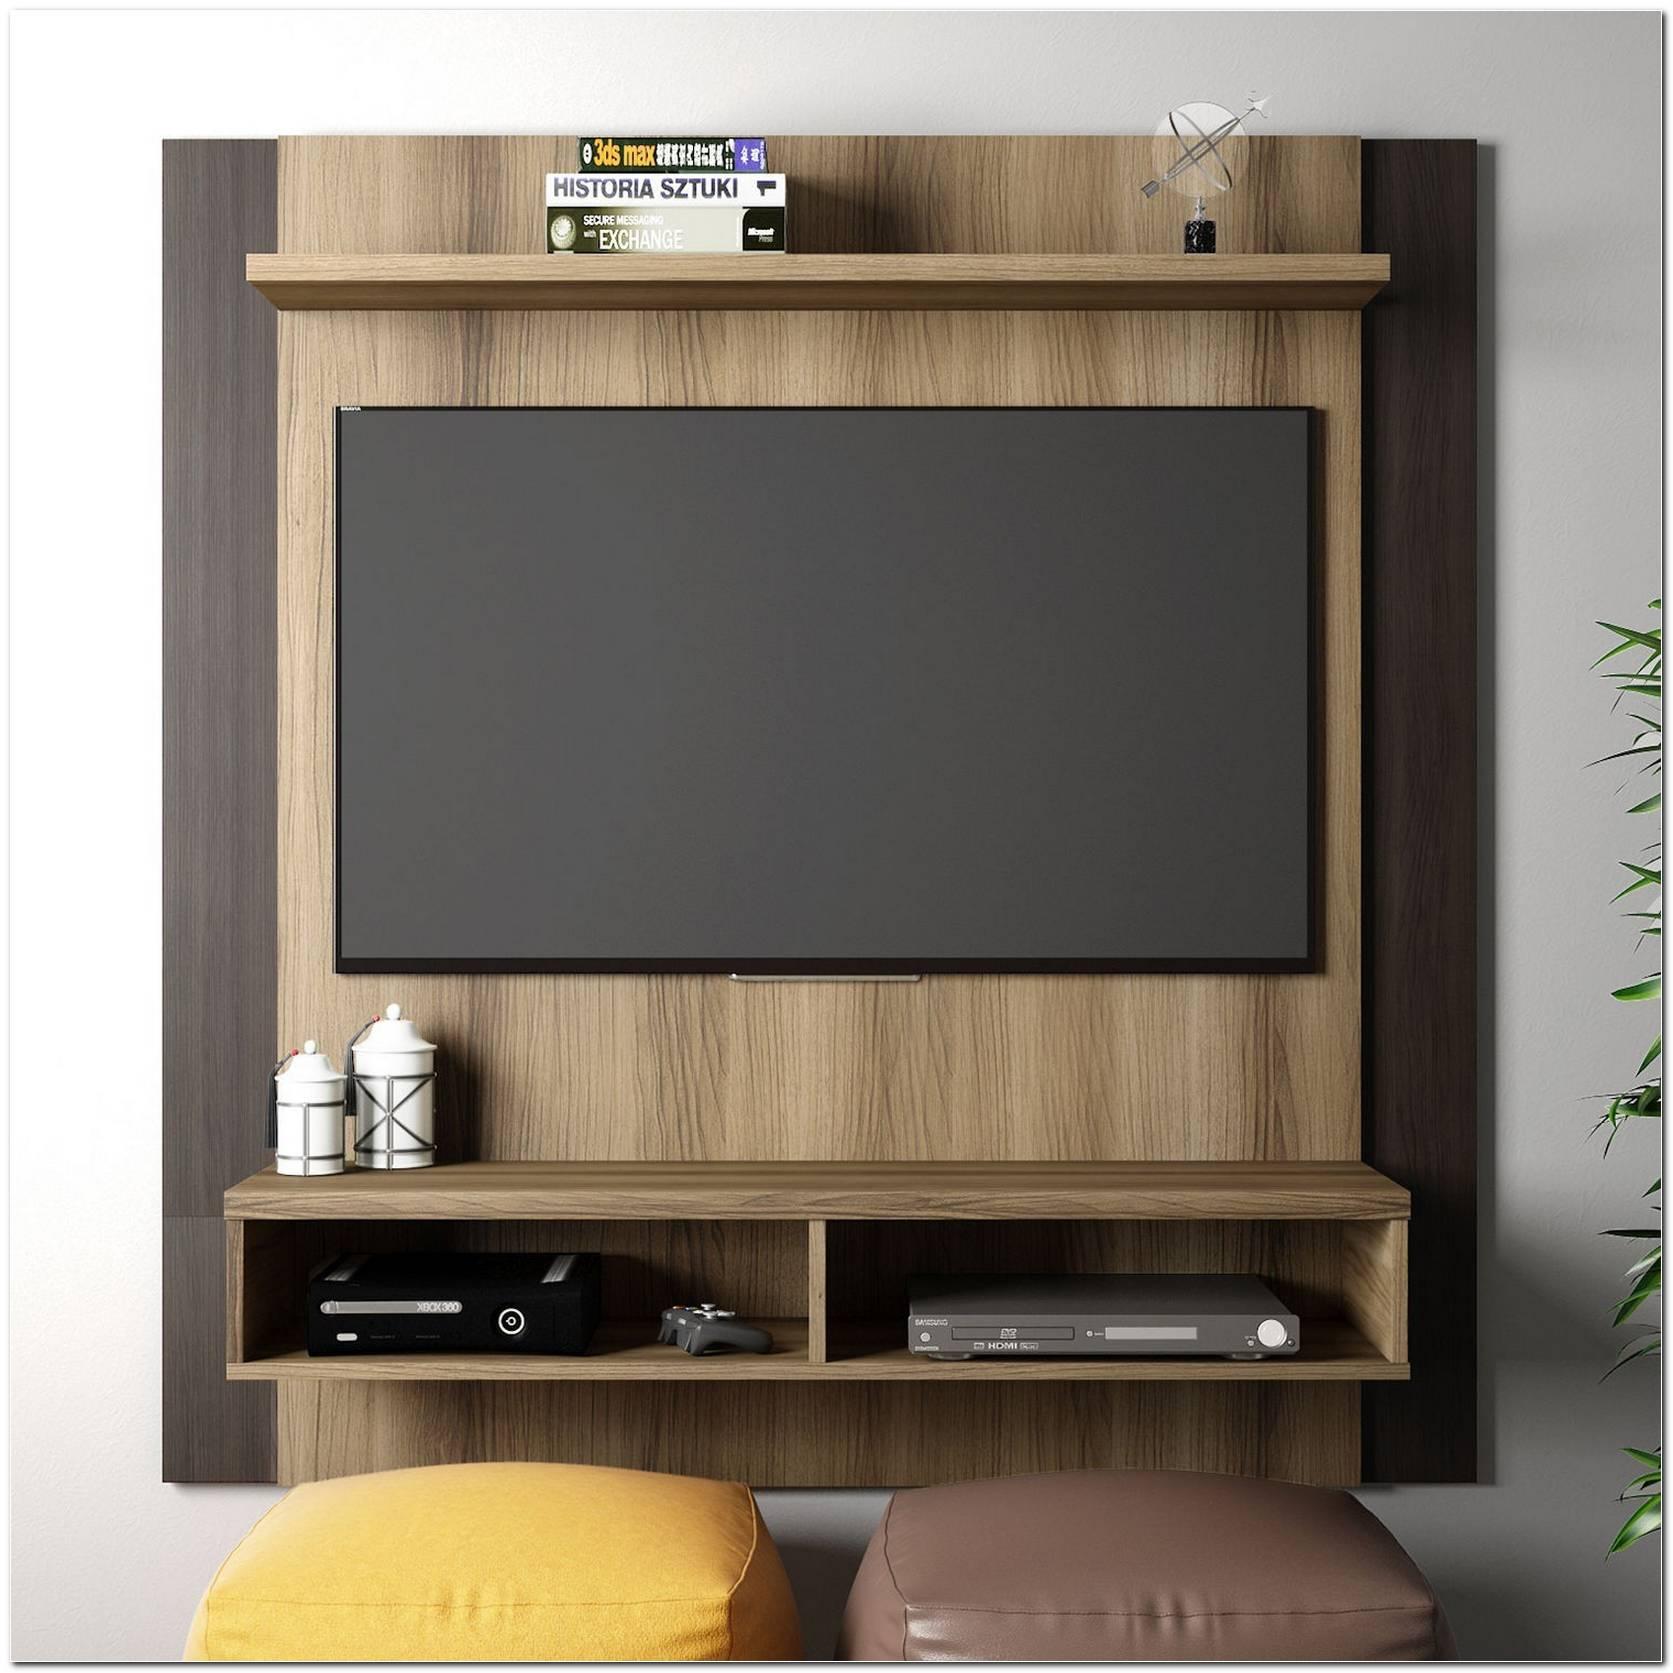 Painel Para Tv Saiba Como Escolher O Painel Certo Para Sua Casa